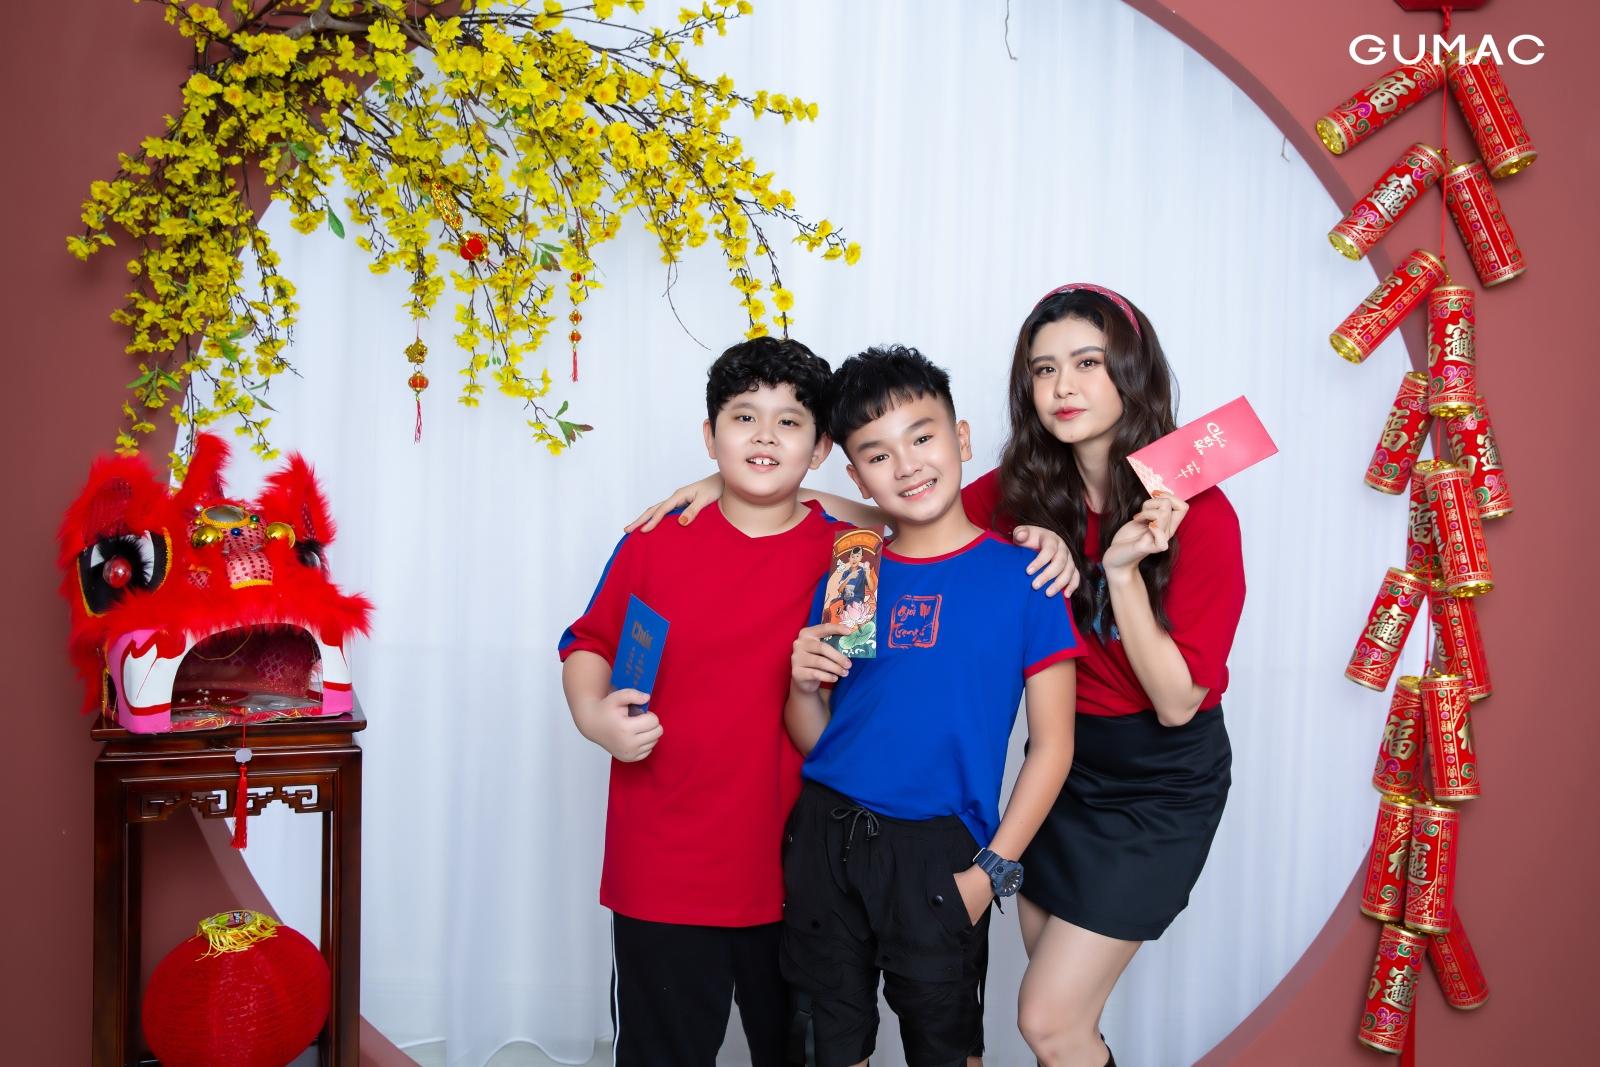 Ca sĩ, diễn viên Trương Quỳnh Anh cùng con trai Sushi và diễn viên nhí Hữu Khang là gương mặt đại diện trong bộ sưu tập Gu Trạng Tí. Các thiết kế thuộc dòng GuKids - bộ sưu tập đầu tiên dành cho bé của hãng Gumac.